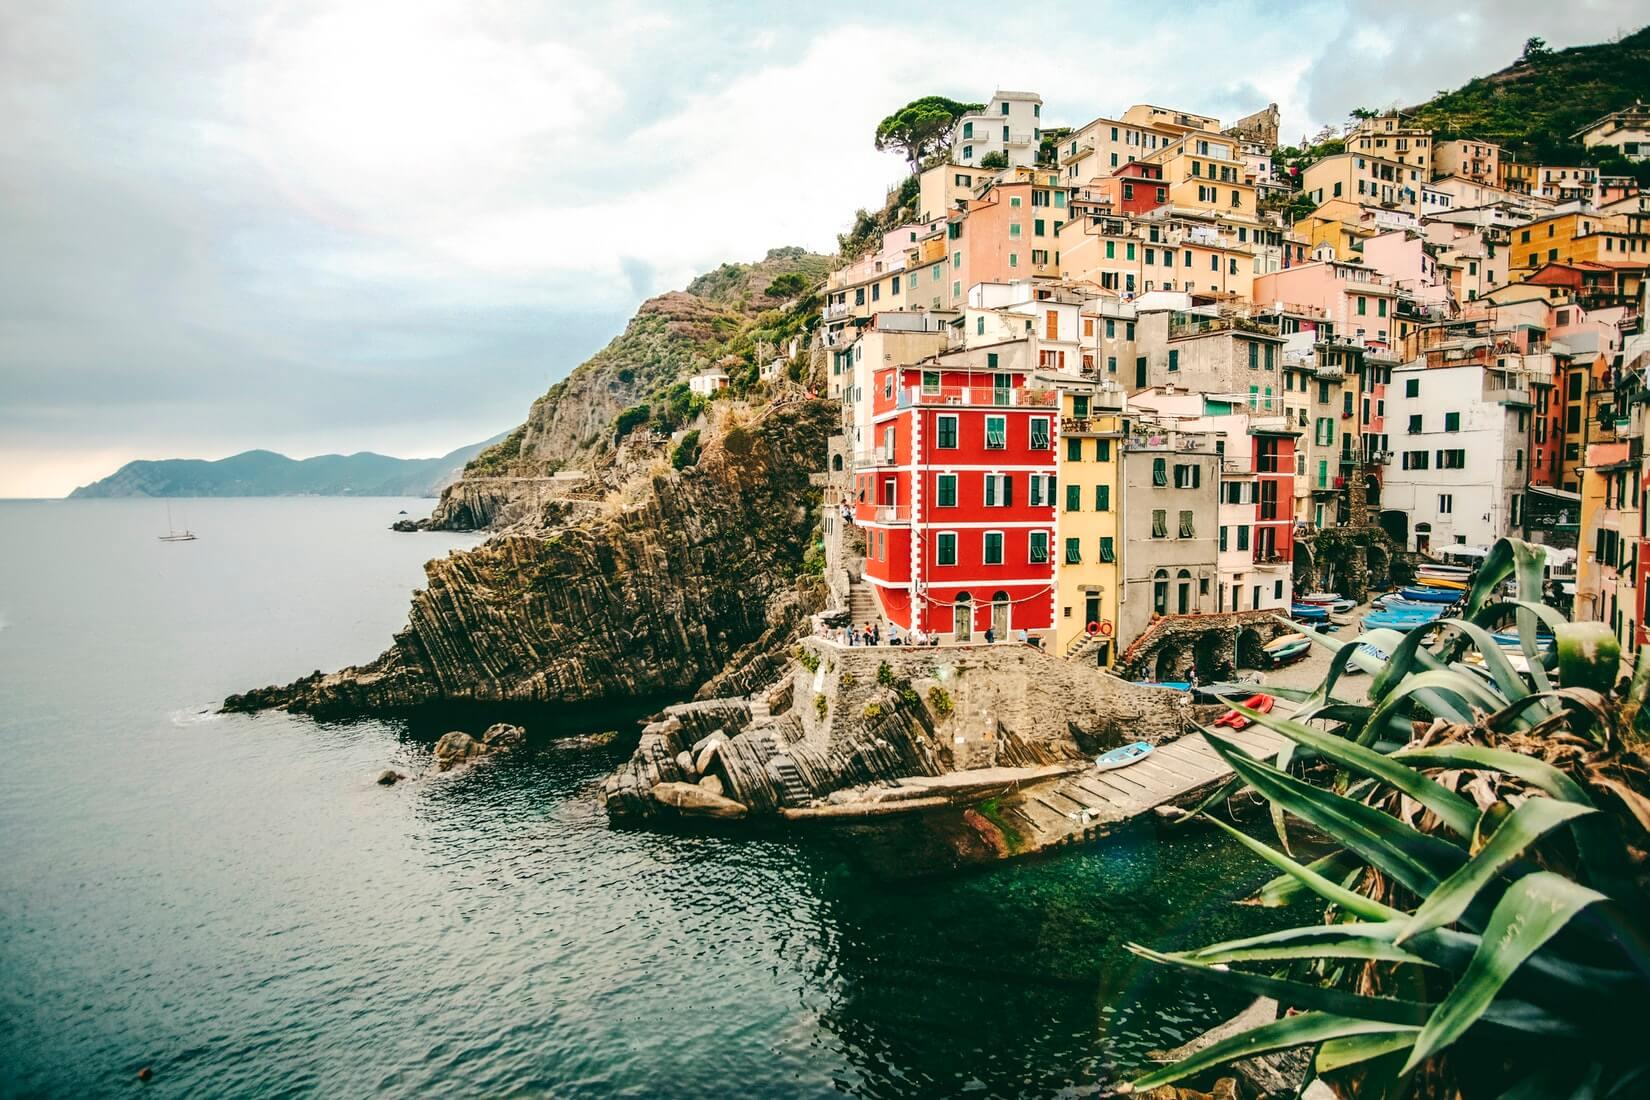 На чём сэкономить в Италии: расскажем за 1 минуту